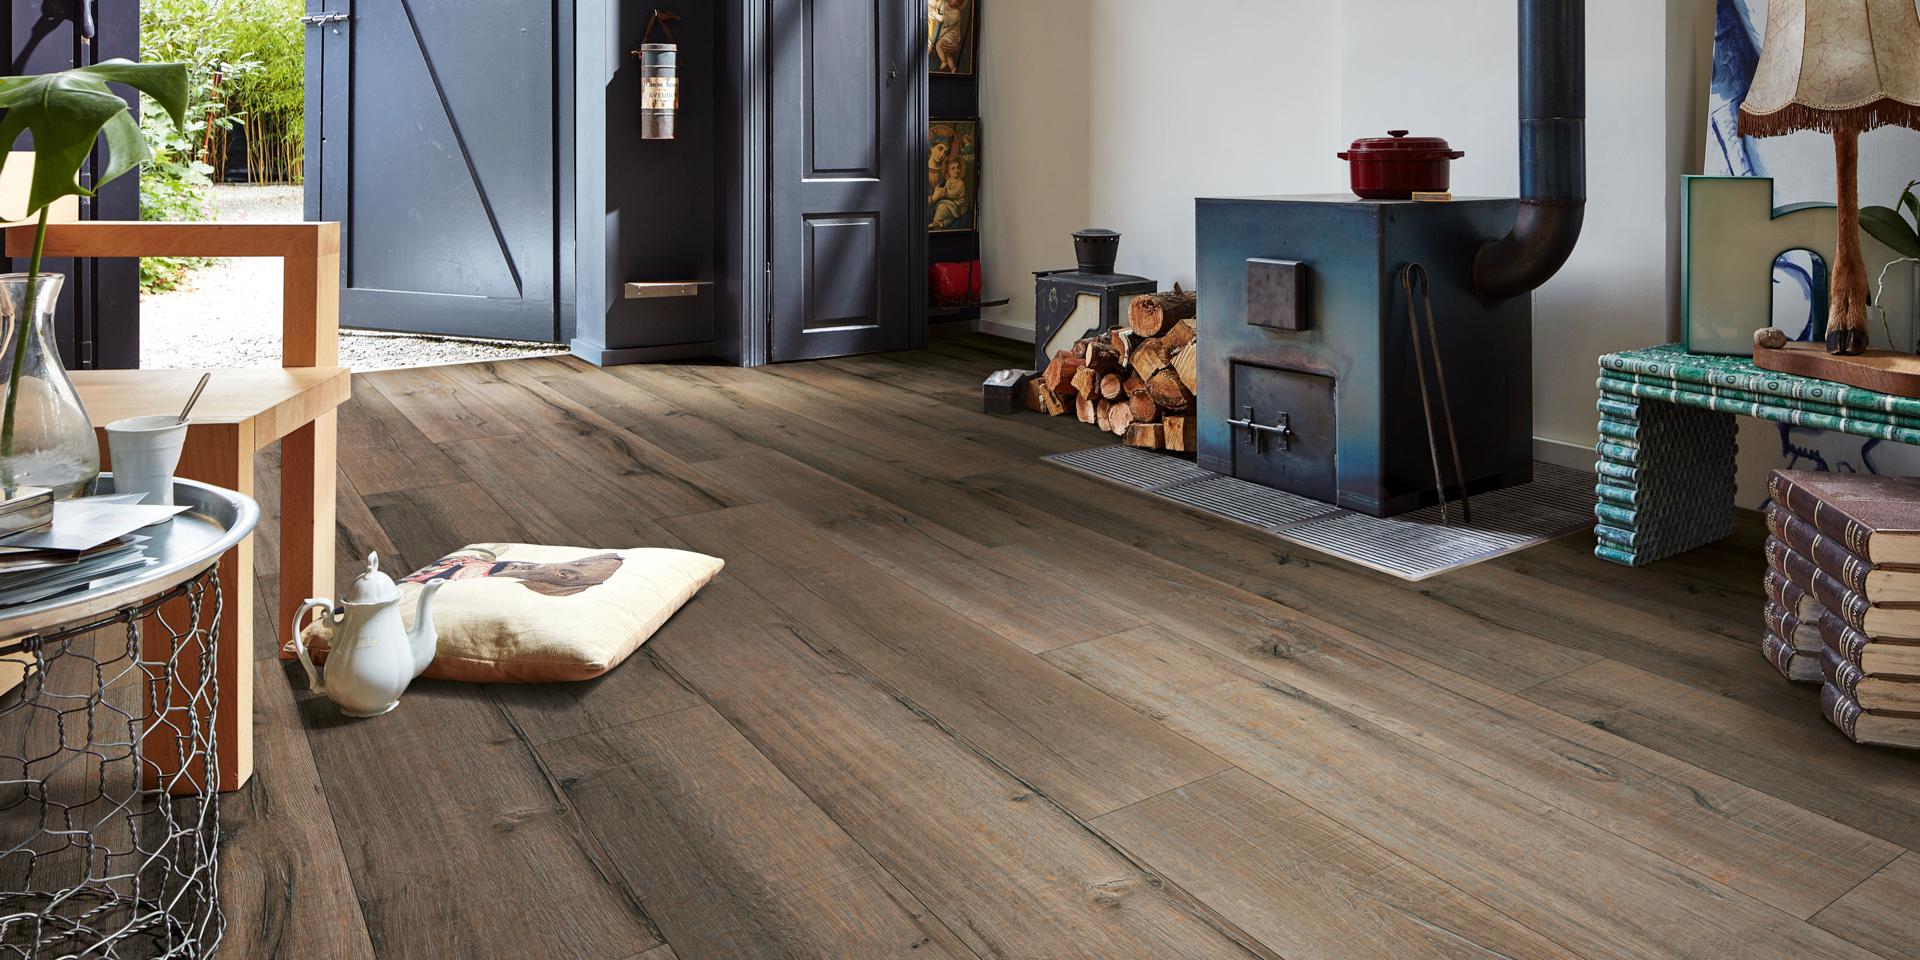 Vinylboden ohne Vinyl | Designböden bei Holz-Hauff in Leingarten | Rev Slider